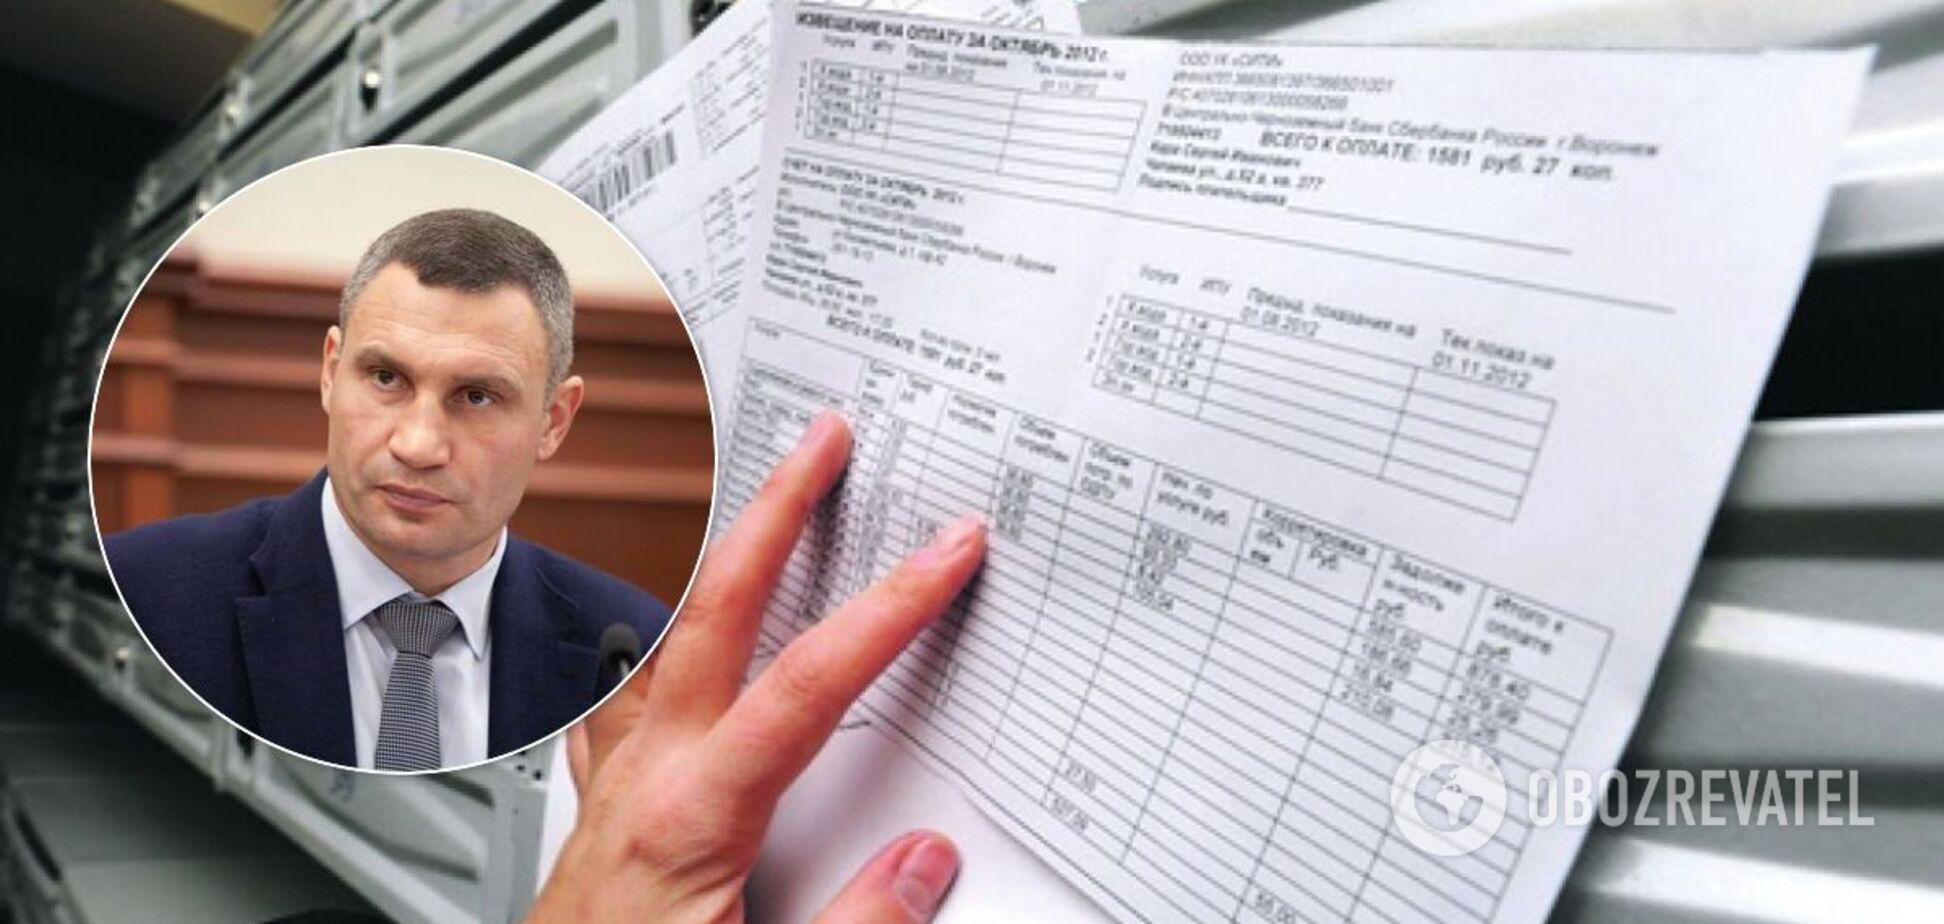 Кличко обратился к Зеленскому из-за тарифов на тепло для населения